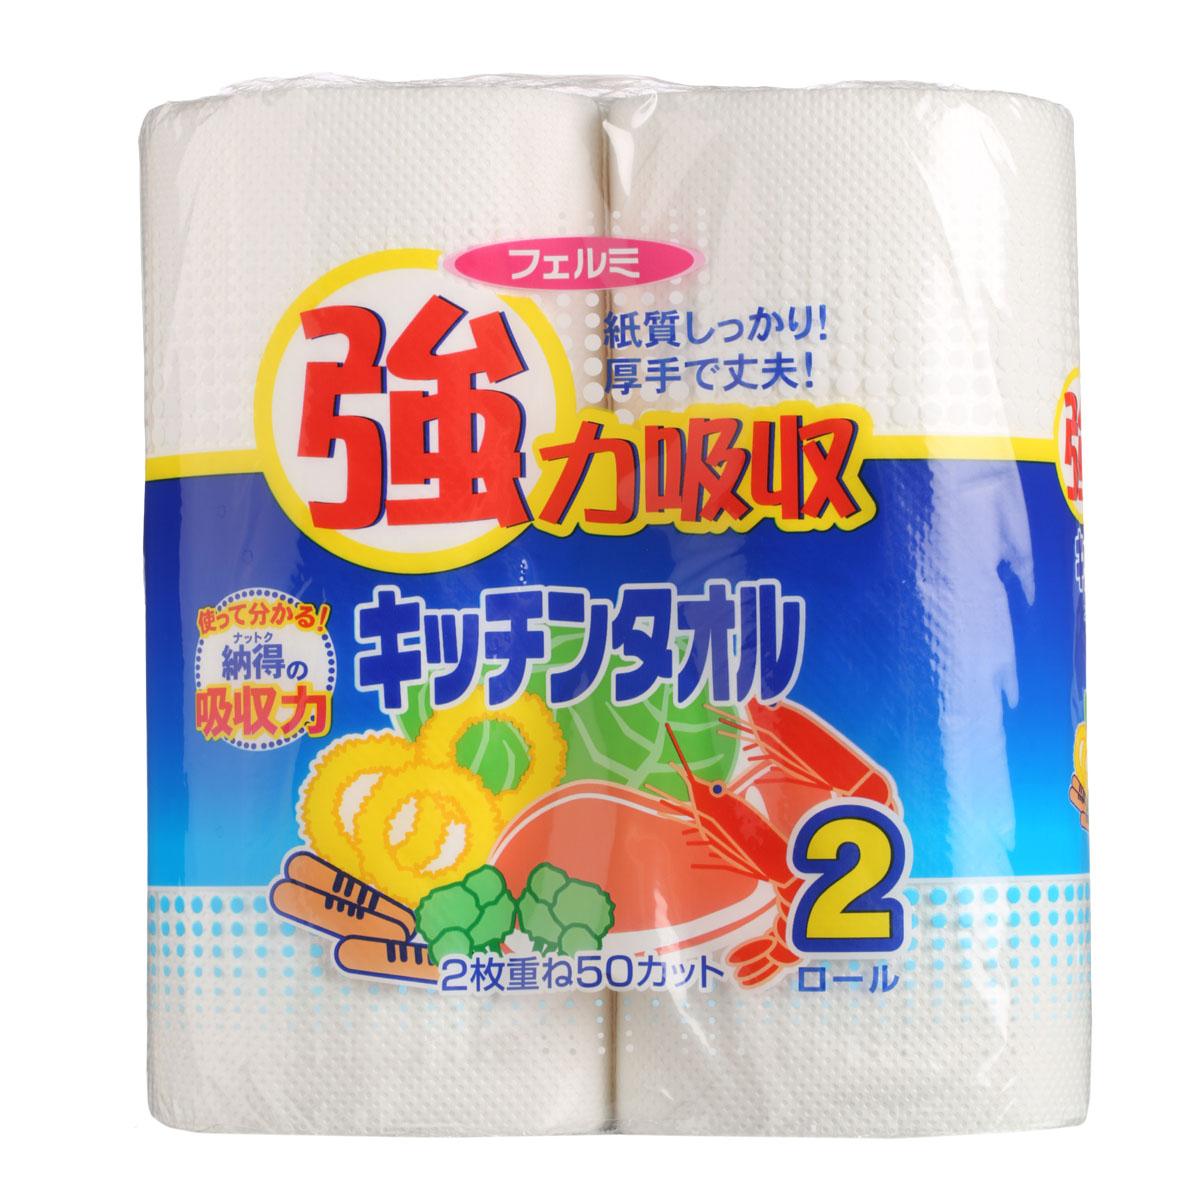 Полотенца бумажные Ideshigyo Due, двухслойные, 2 рулона60450Бумажные полотенца для кухни Ideshigyo Due отличаются повышенной впитываемостью. Это обеспечивается двухслойной толщиной материала.Мягкие, очень приятные на ощупь, но в то же время достаточно прочные и не рвутся при намокании. Кухонные бумажные полотенца изготовлены из природных материалов и воды из источников Фудзи. Бумажные полотенца всегда найдут себе применение: они прекрасно удаляют с поверхностей разлитые жидкости, впитывают влагу и жир, используются для протирания столов, стекол и окон, плит, кухонной мебели. Срок годности не ограничен.